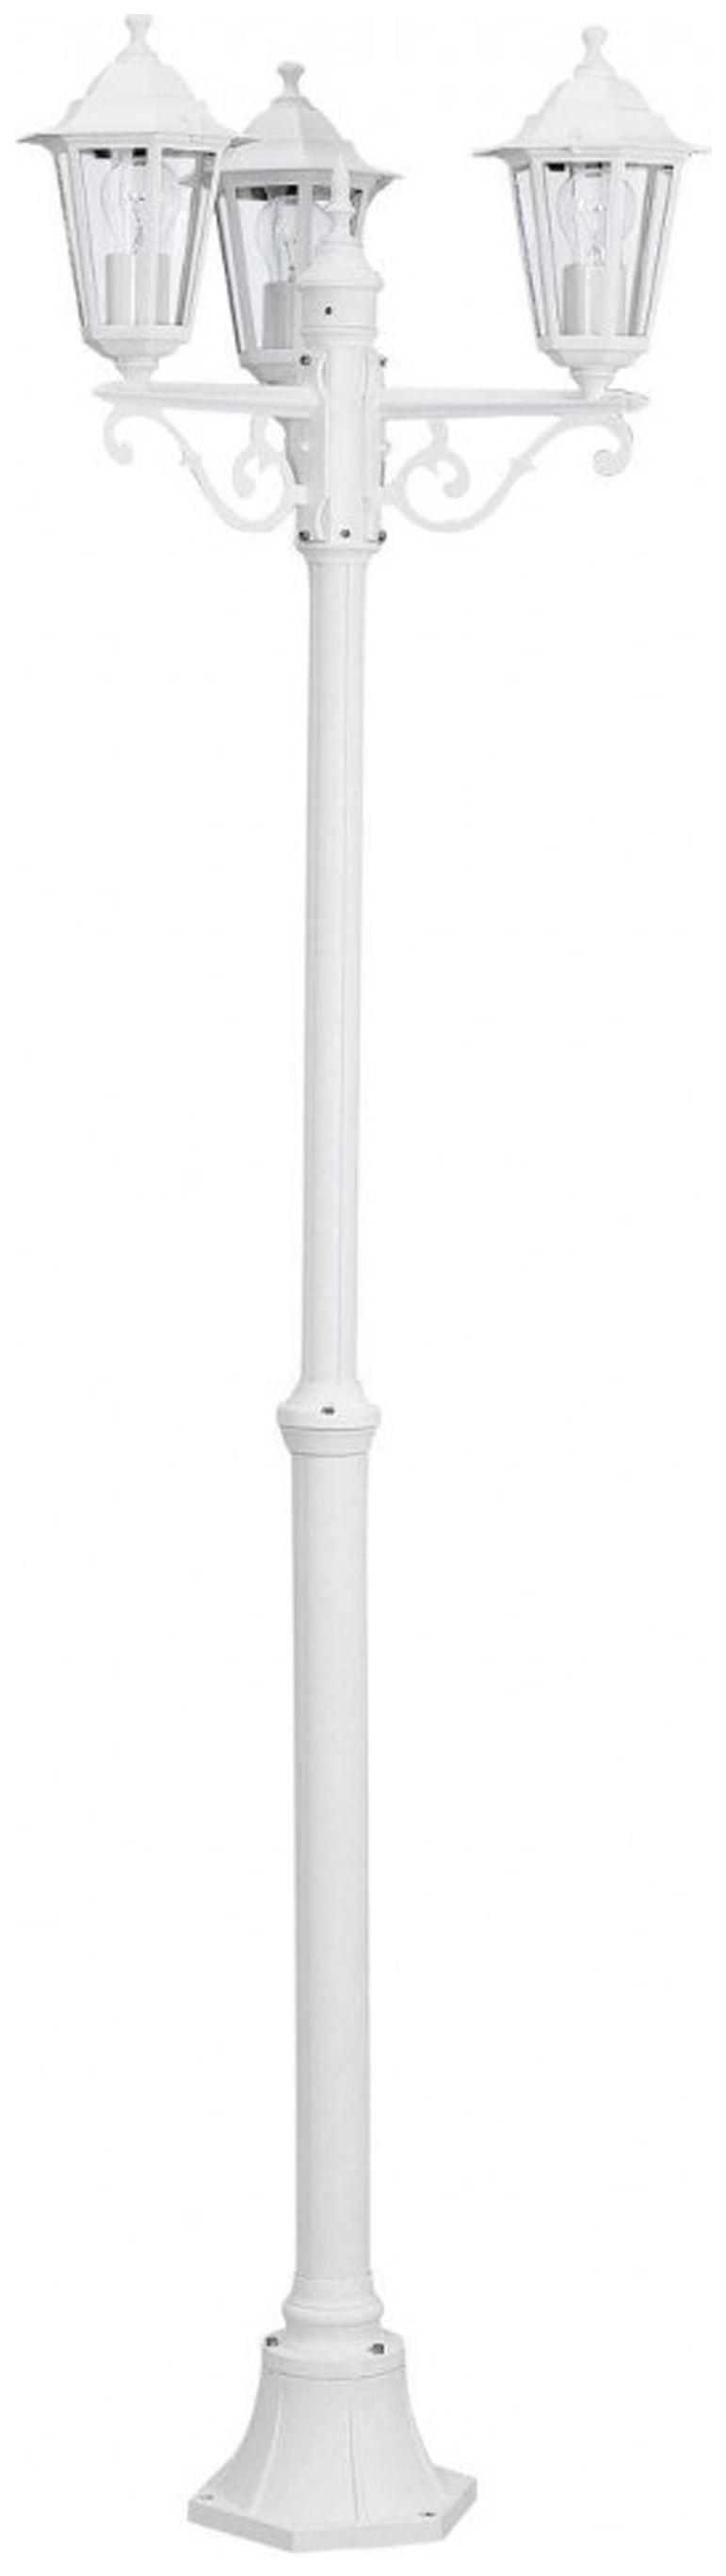 Фонарный столб EGLO 22996